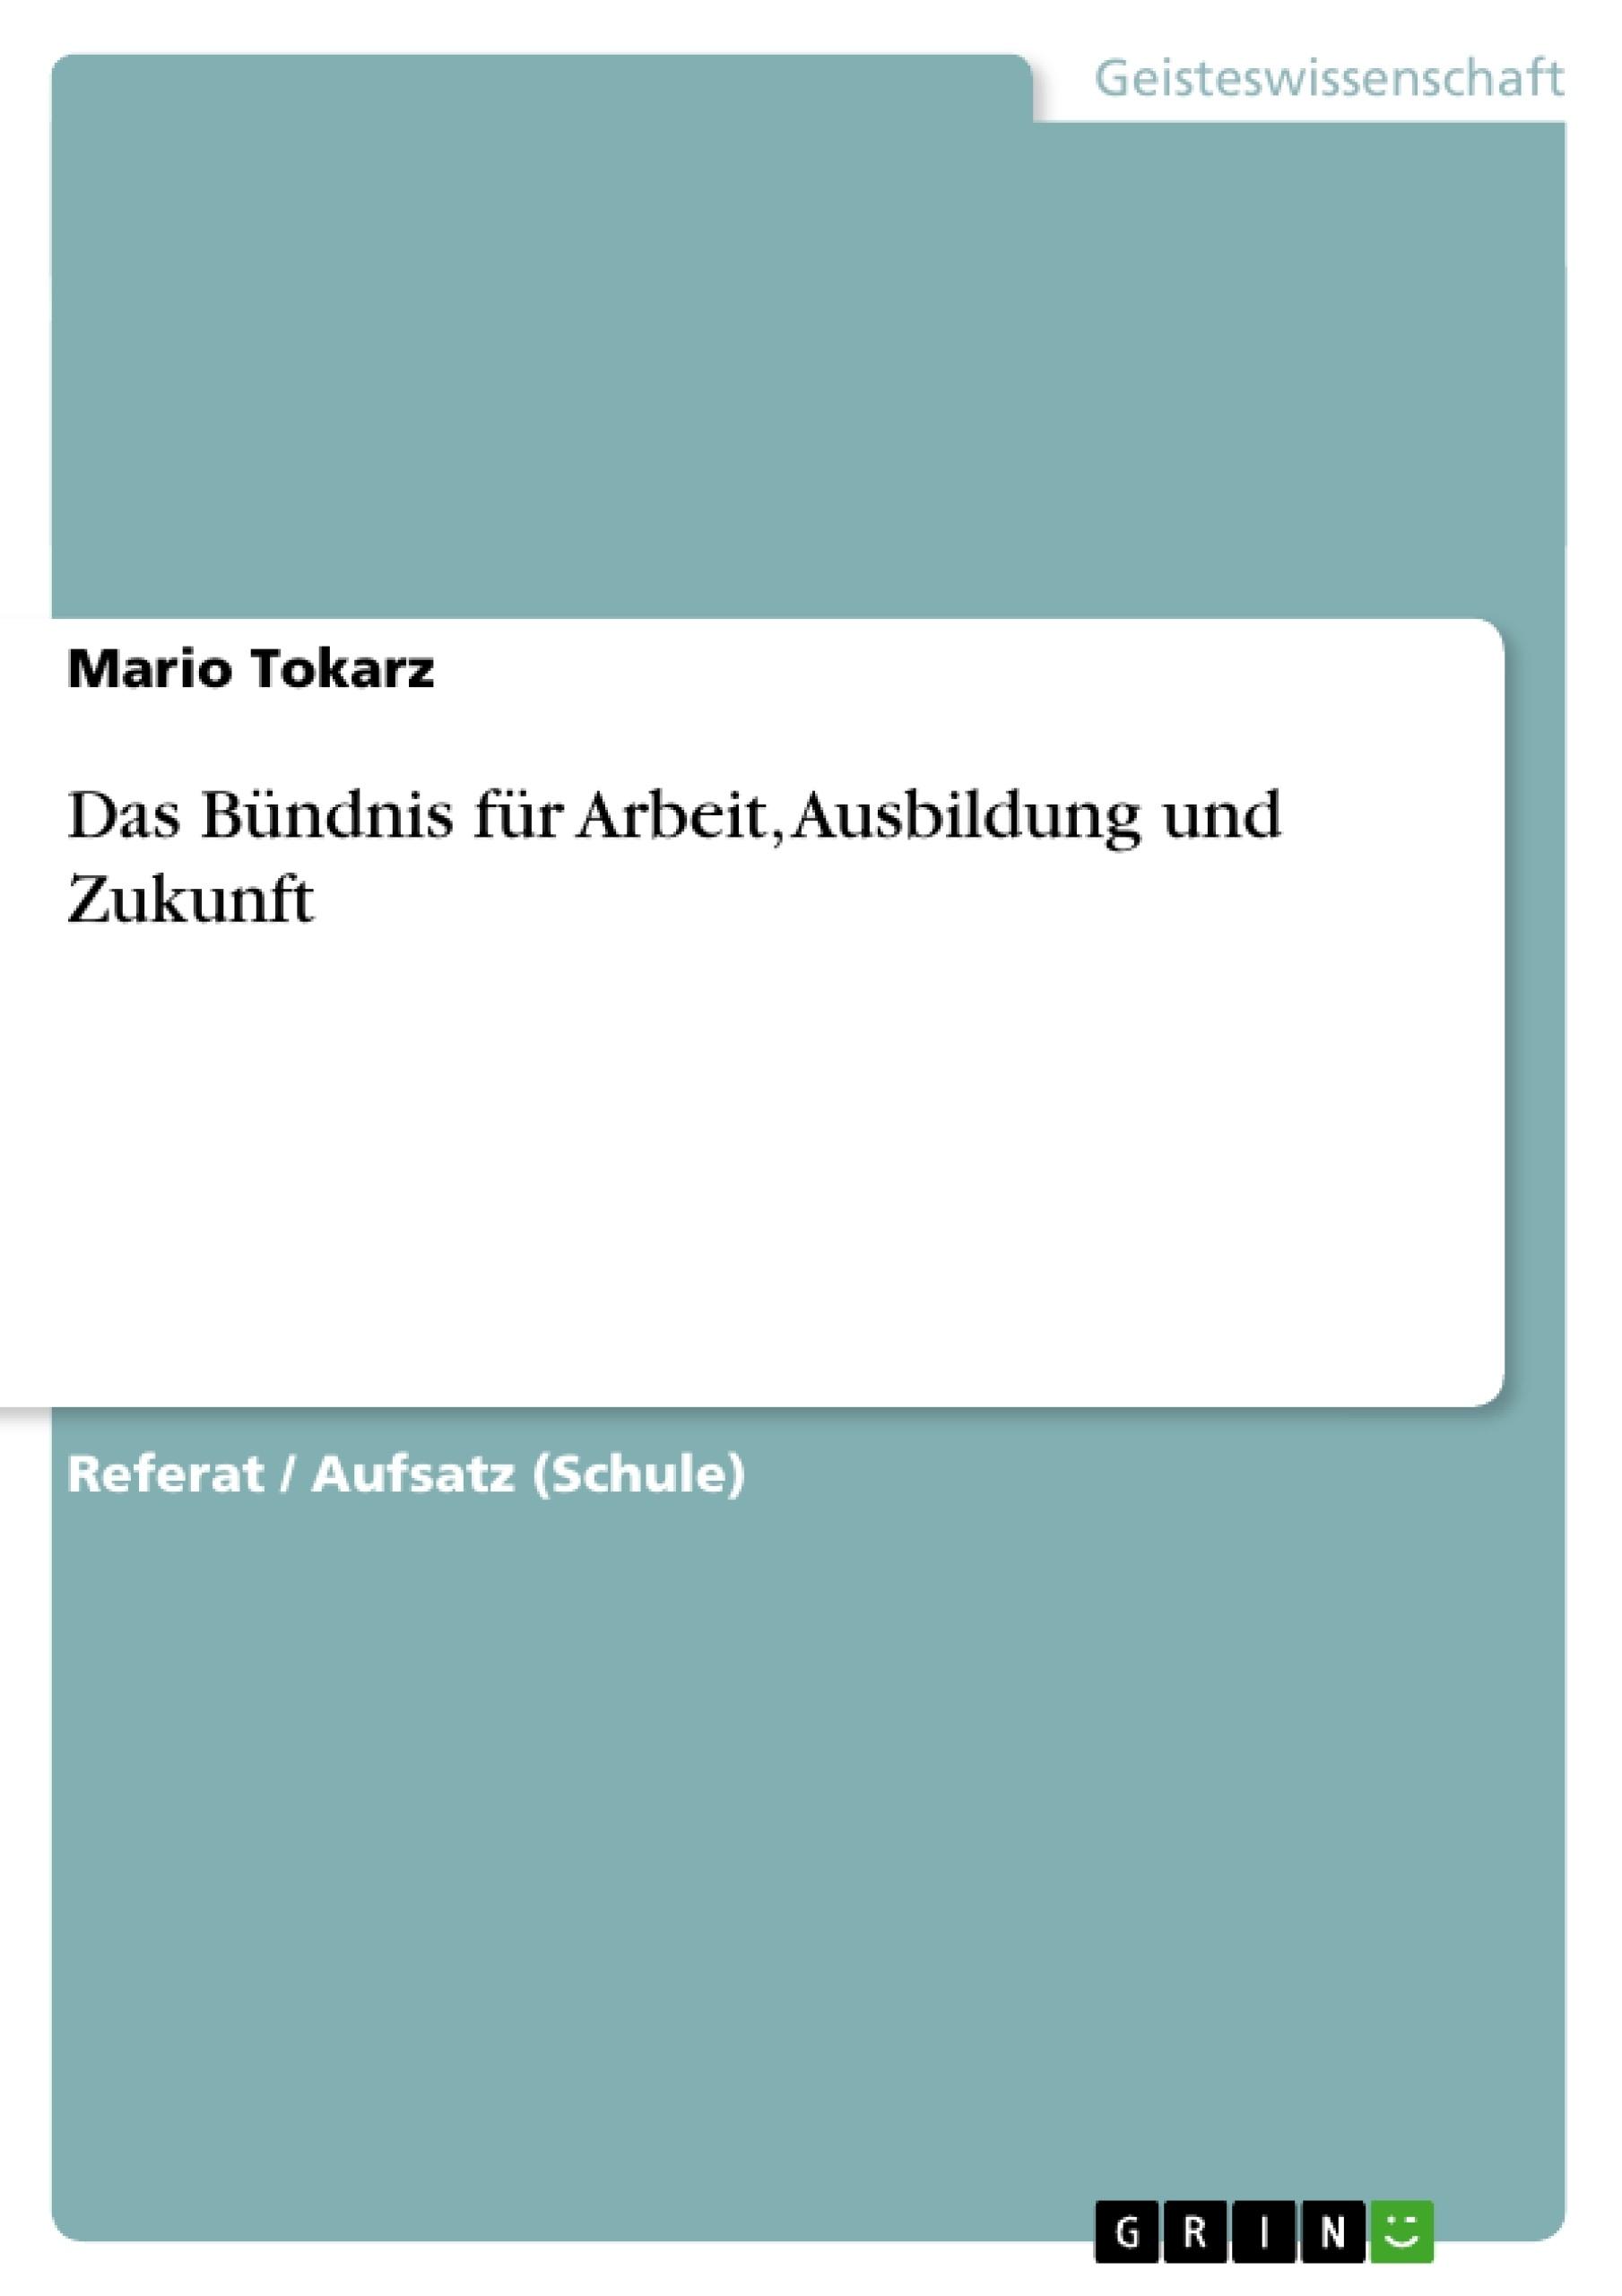 Titel: Das Bündnis für Arbeit, Ausbildung und Zukunft